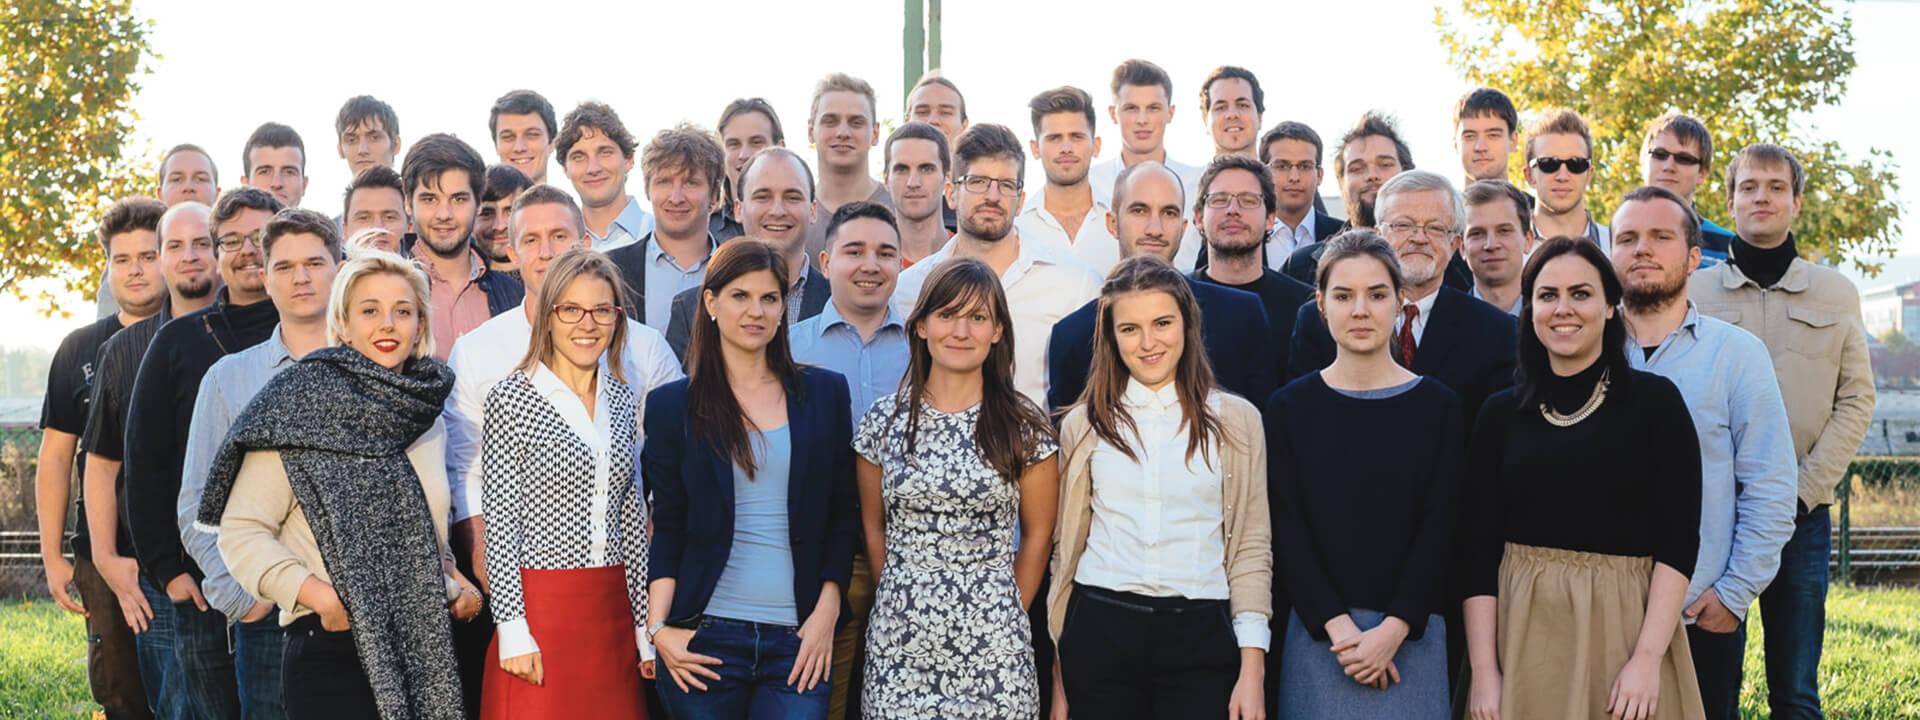 Tresorit-Team: 5 Jahre verschlüsselter Cloudspeicher